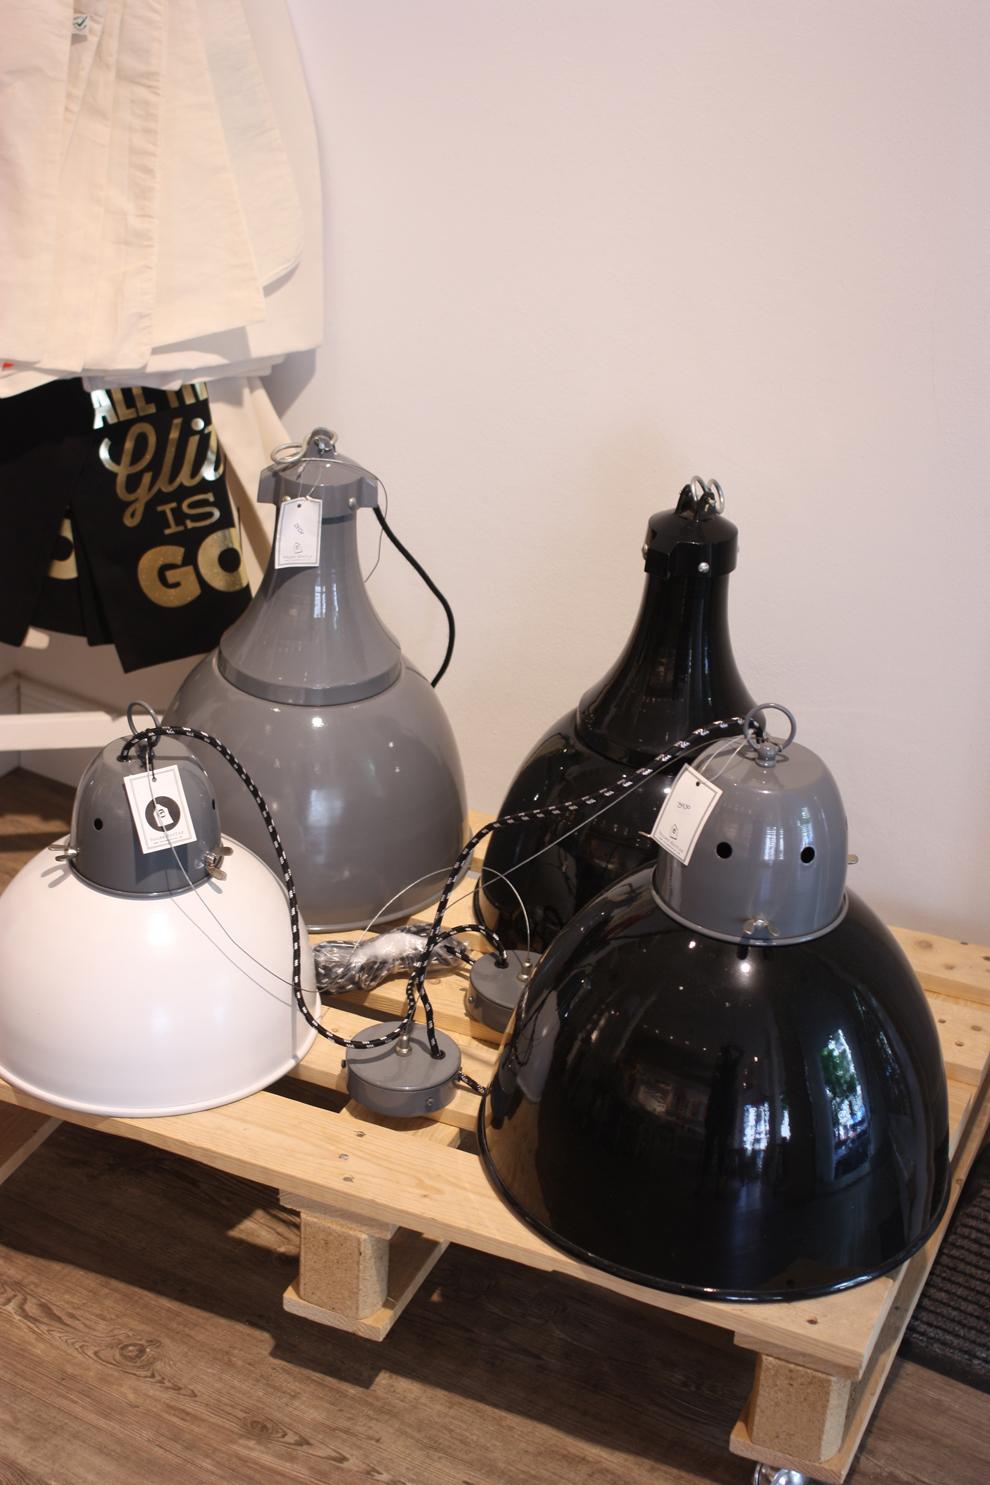 schön_und_ehrlich_industrial_lamps